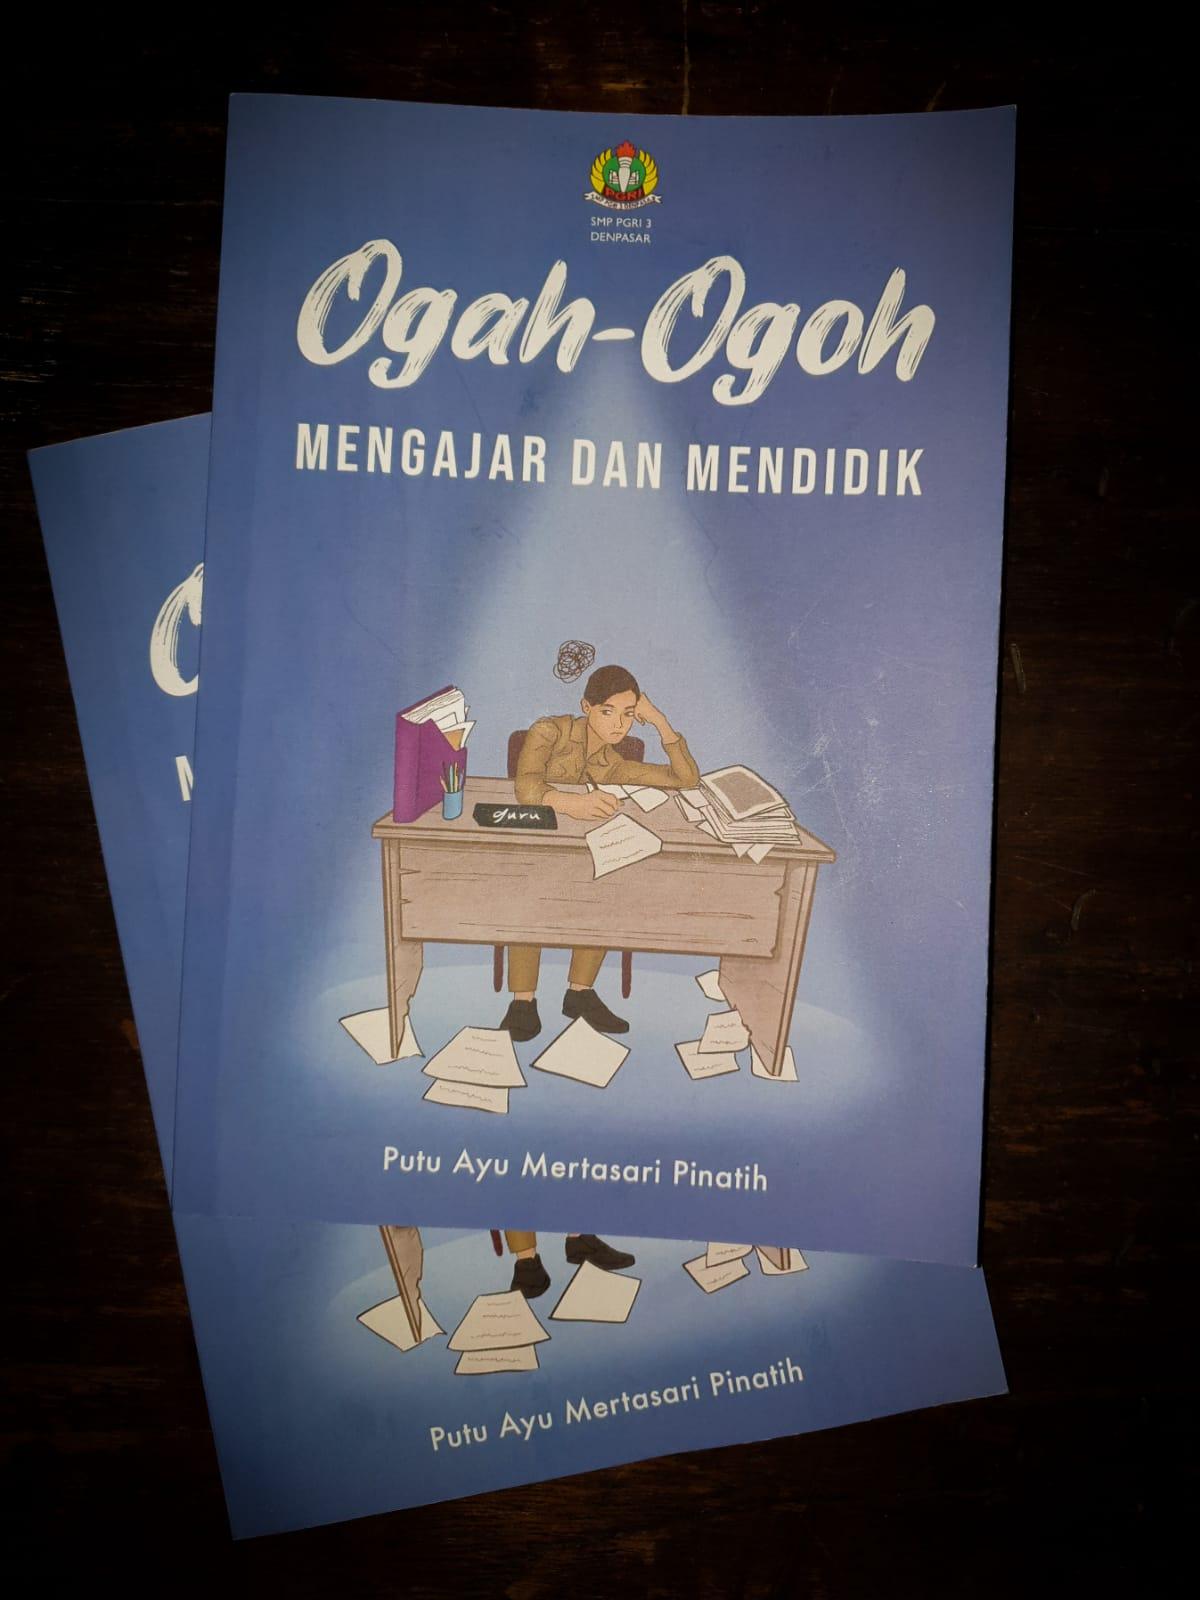 """BUKU berjudul """"Ogah-ogoh Mengajar dan Mendidik"""" karya Putu Ayu Mertasari Pinatih, guru SMP PGRI 3 Denpasar. Foto: ist"""